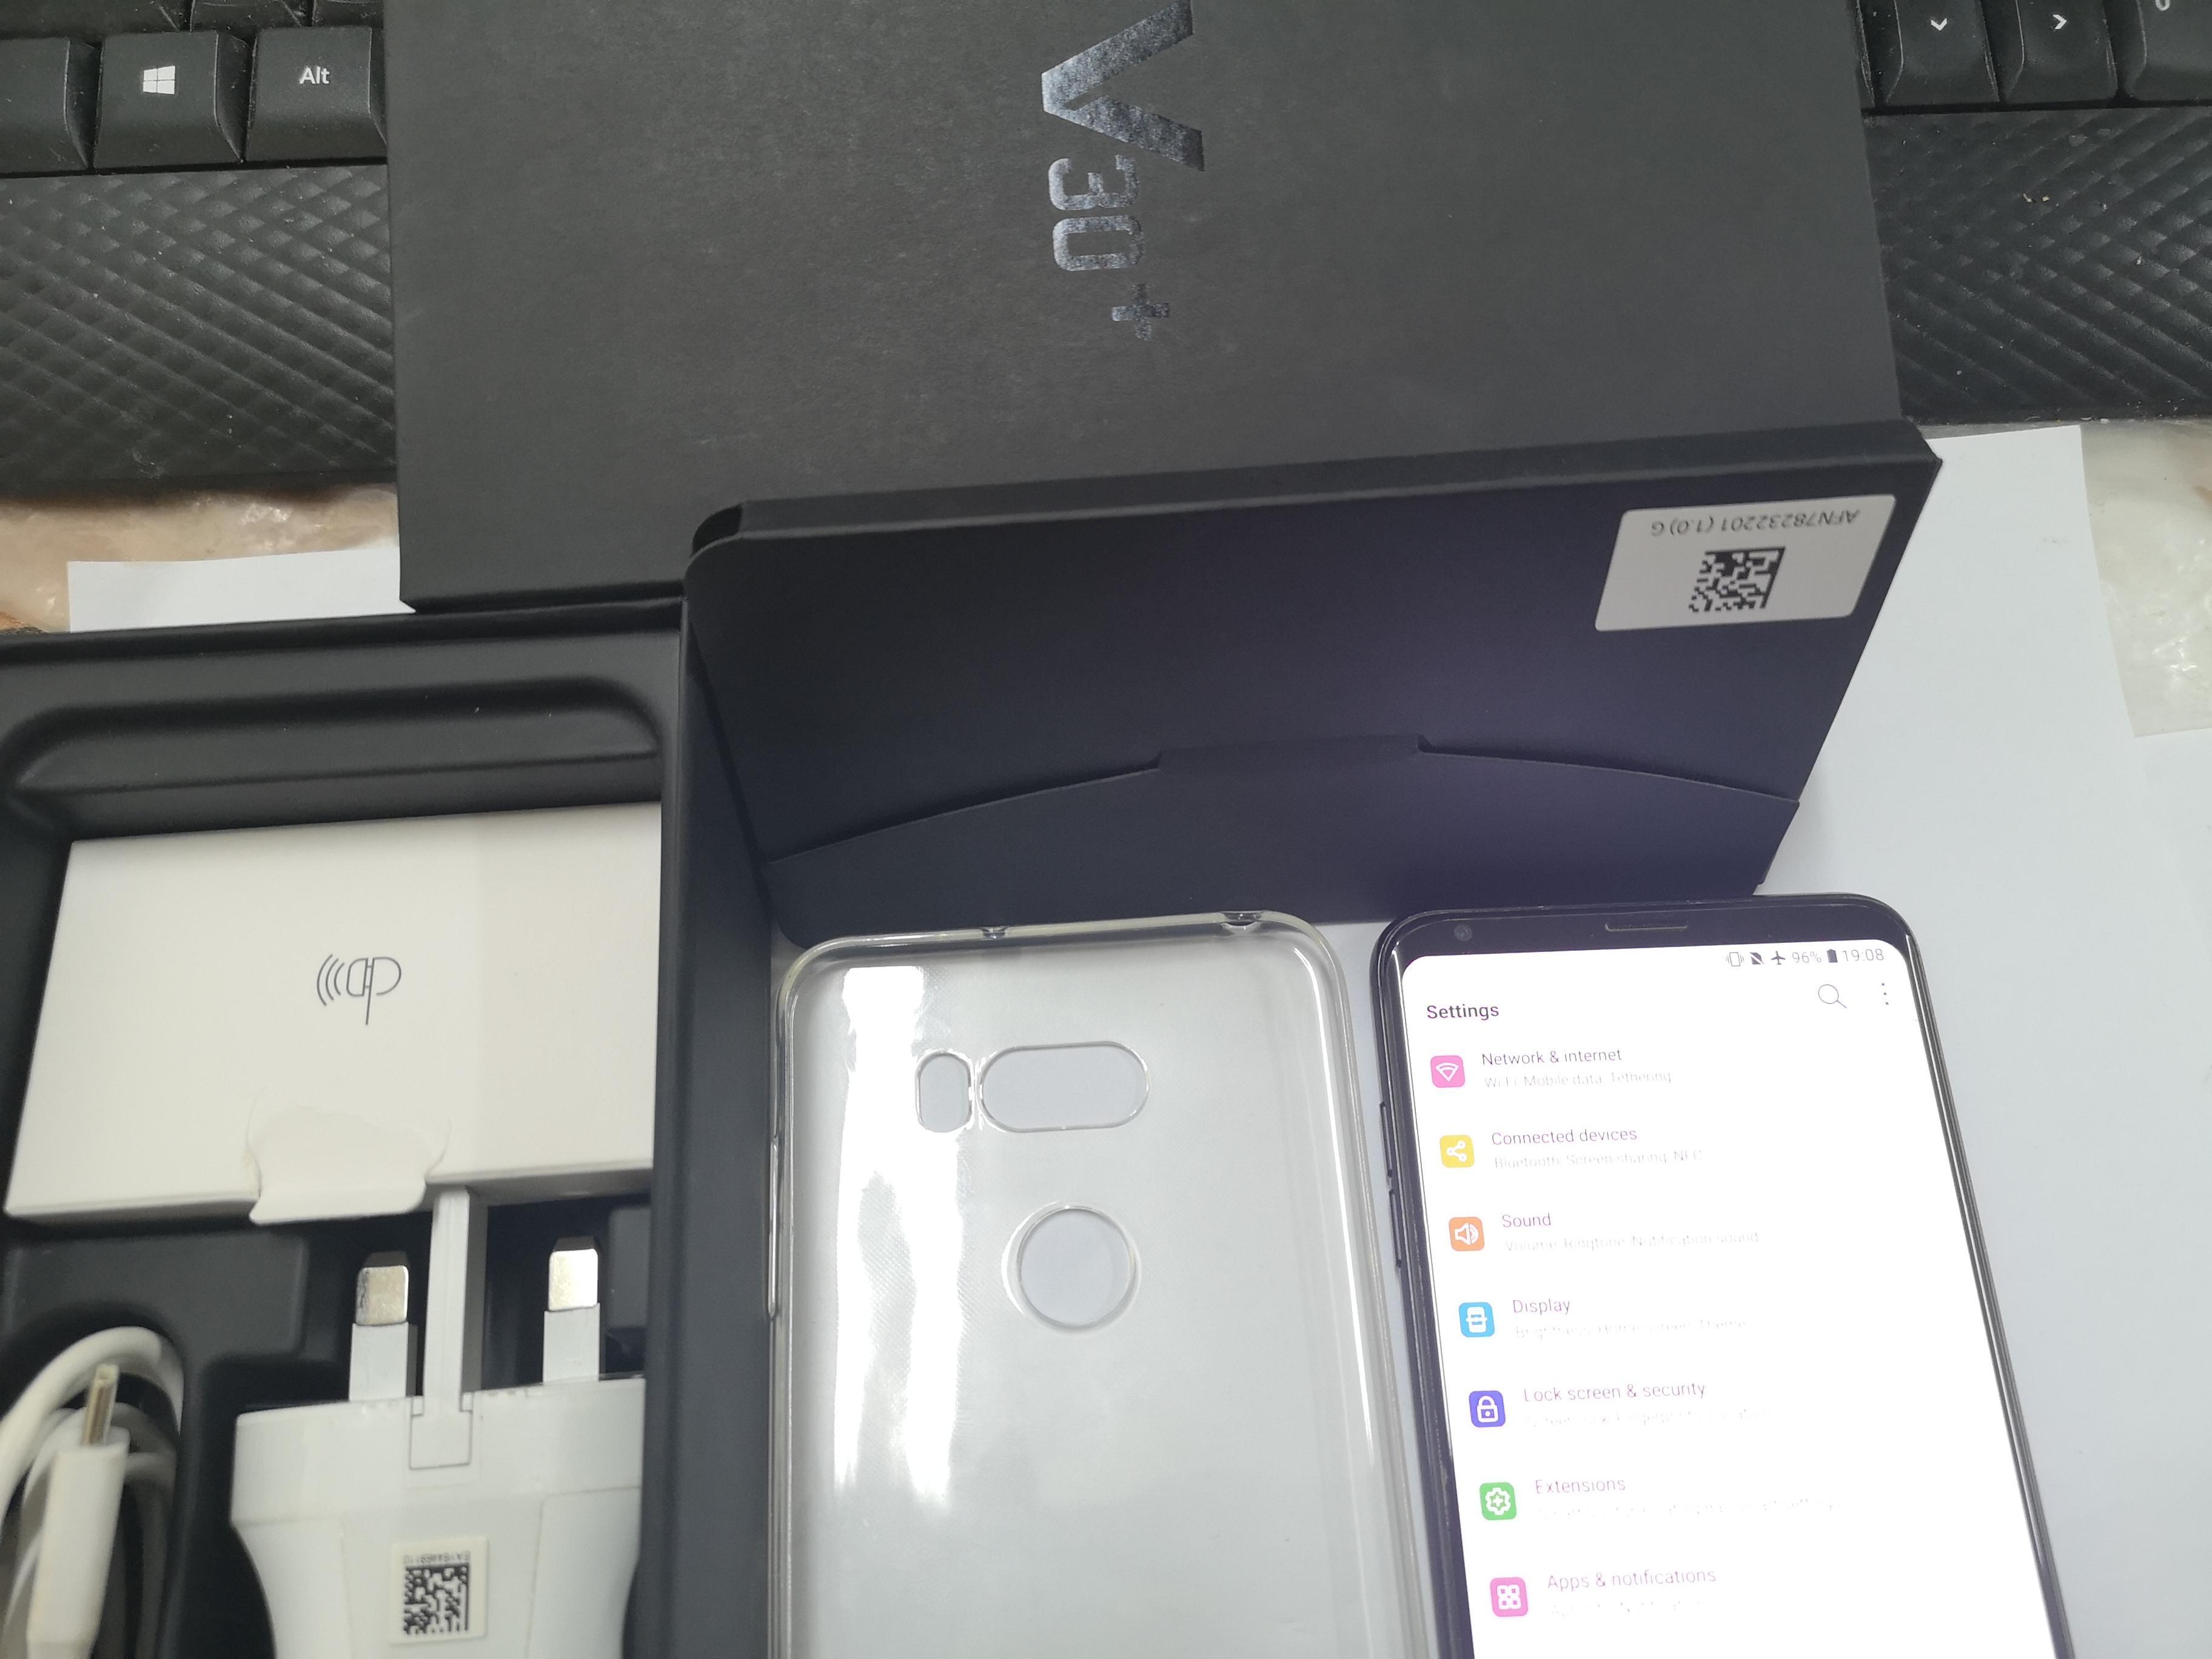 ال جي في plus 30 V بلس اخو الجديد LG